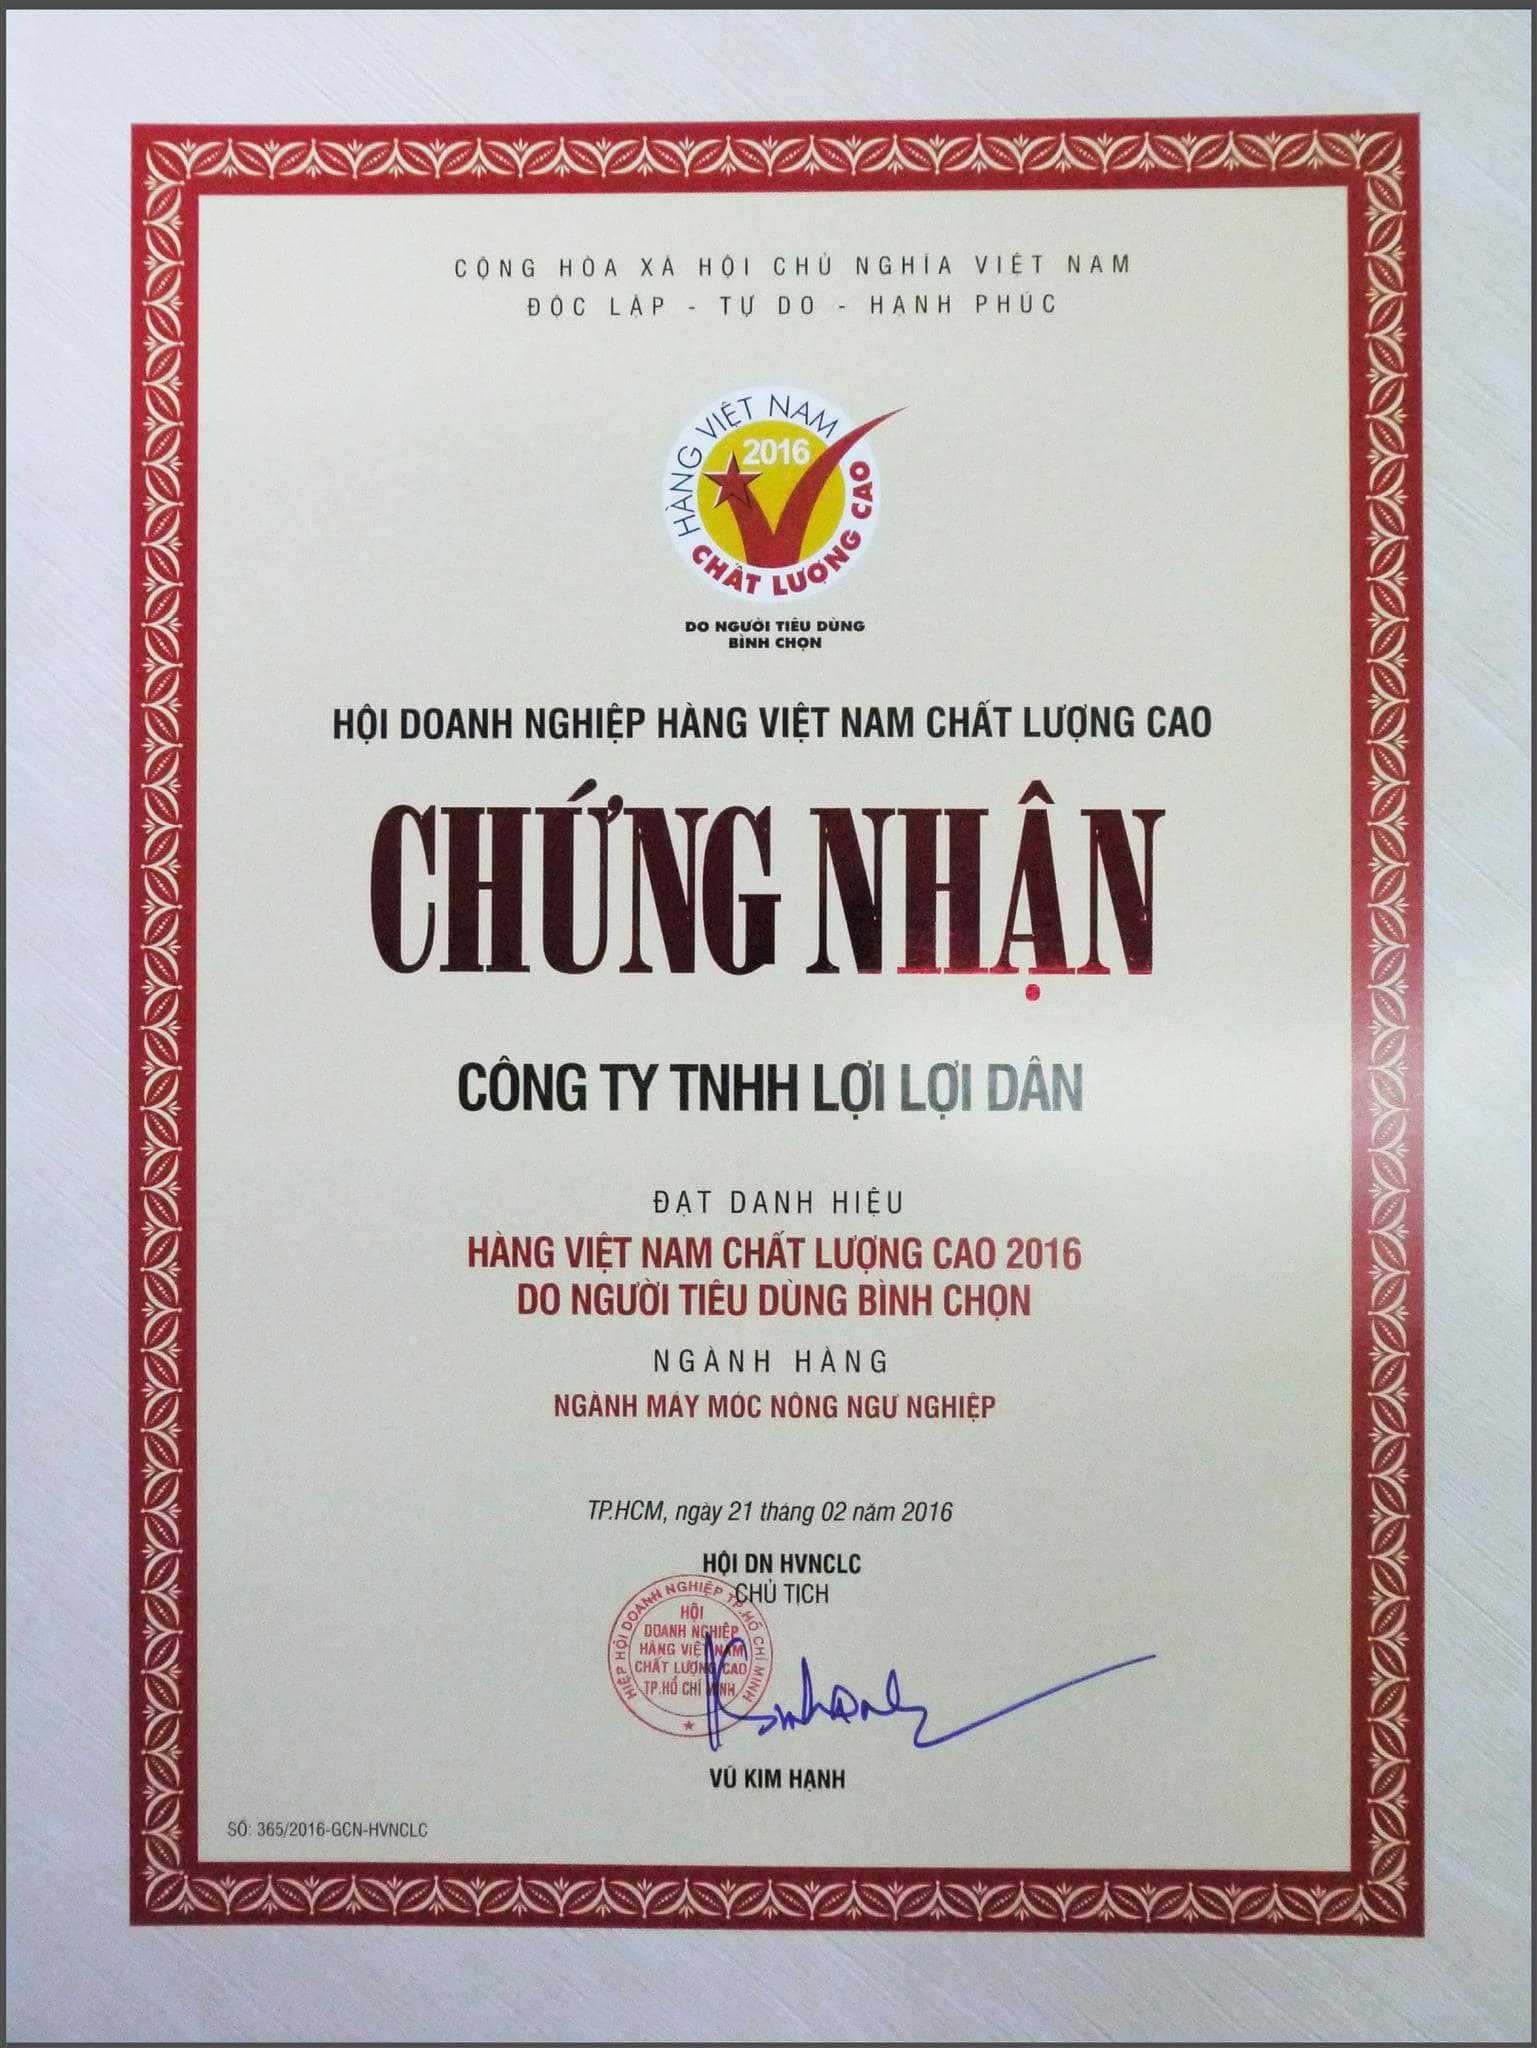 Giải thưởng Hàng Việt Nam Chất Lượng Cao của Lợi Lợi Dân do người dùng bình chọn.